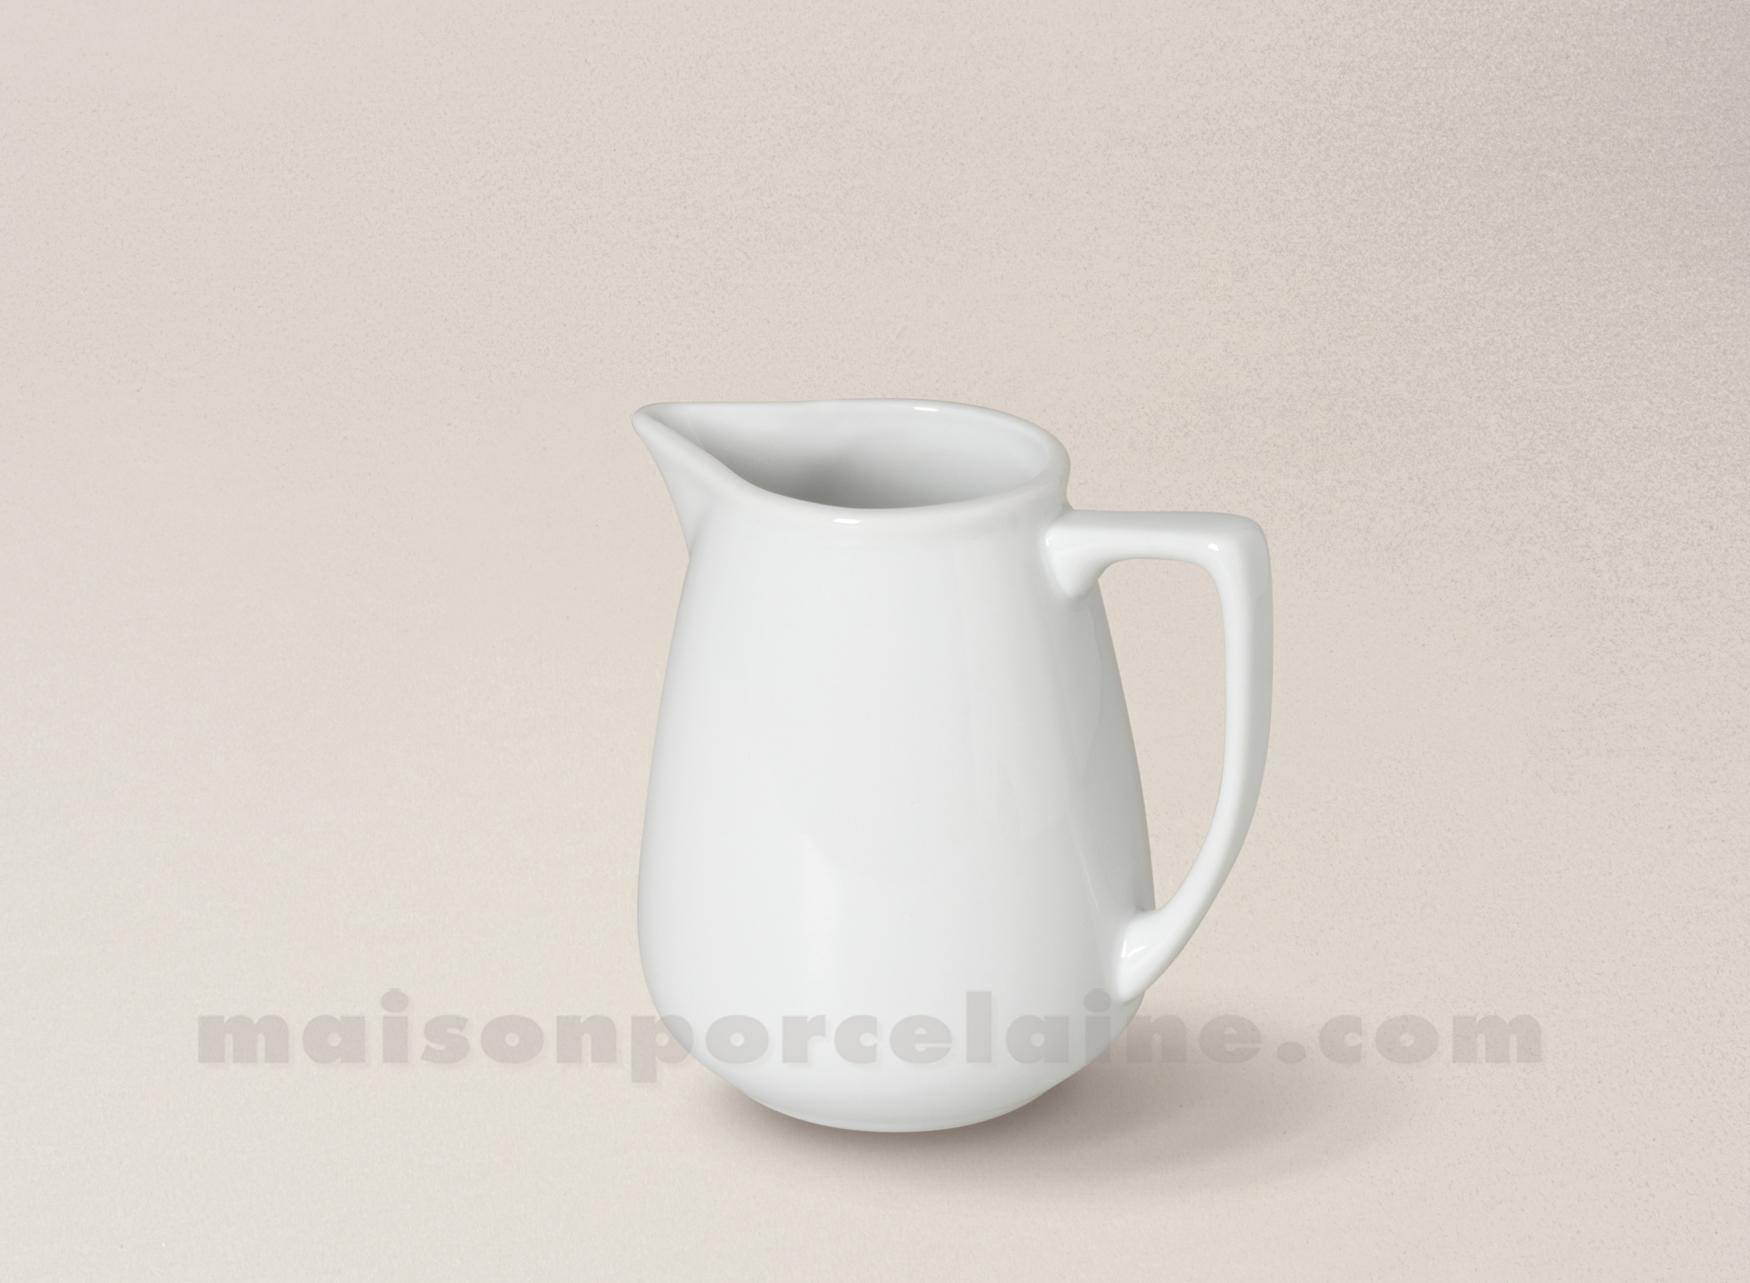 Pichet porcelaine blanche sologne h9cm 24cl maison de la for Maison de la porcelaine